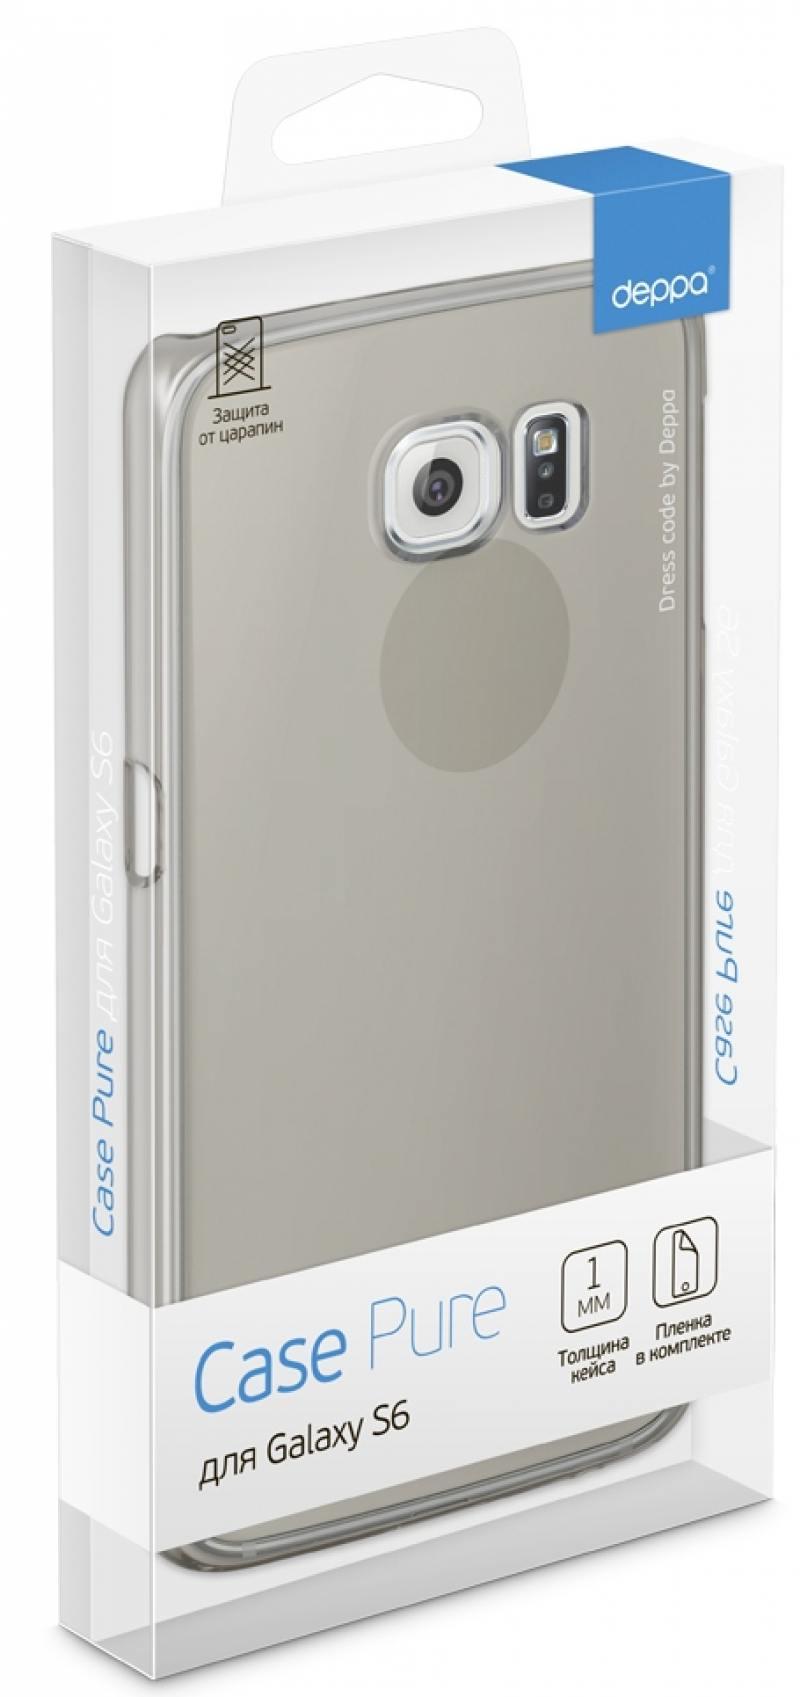 Чехол Deppa Pure Case и защитная пленка для Samsung Galaxy S6 с защитным нанесением hard coating чер защитная пленка deppa комплект защитных пленок для galaxy s6 edge